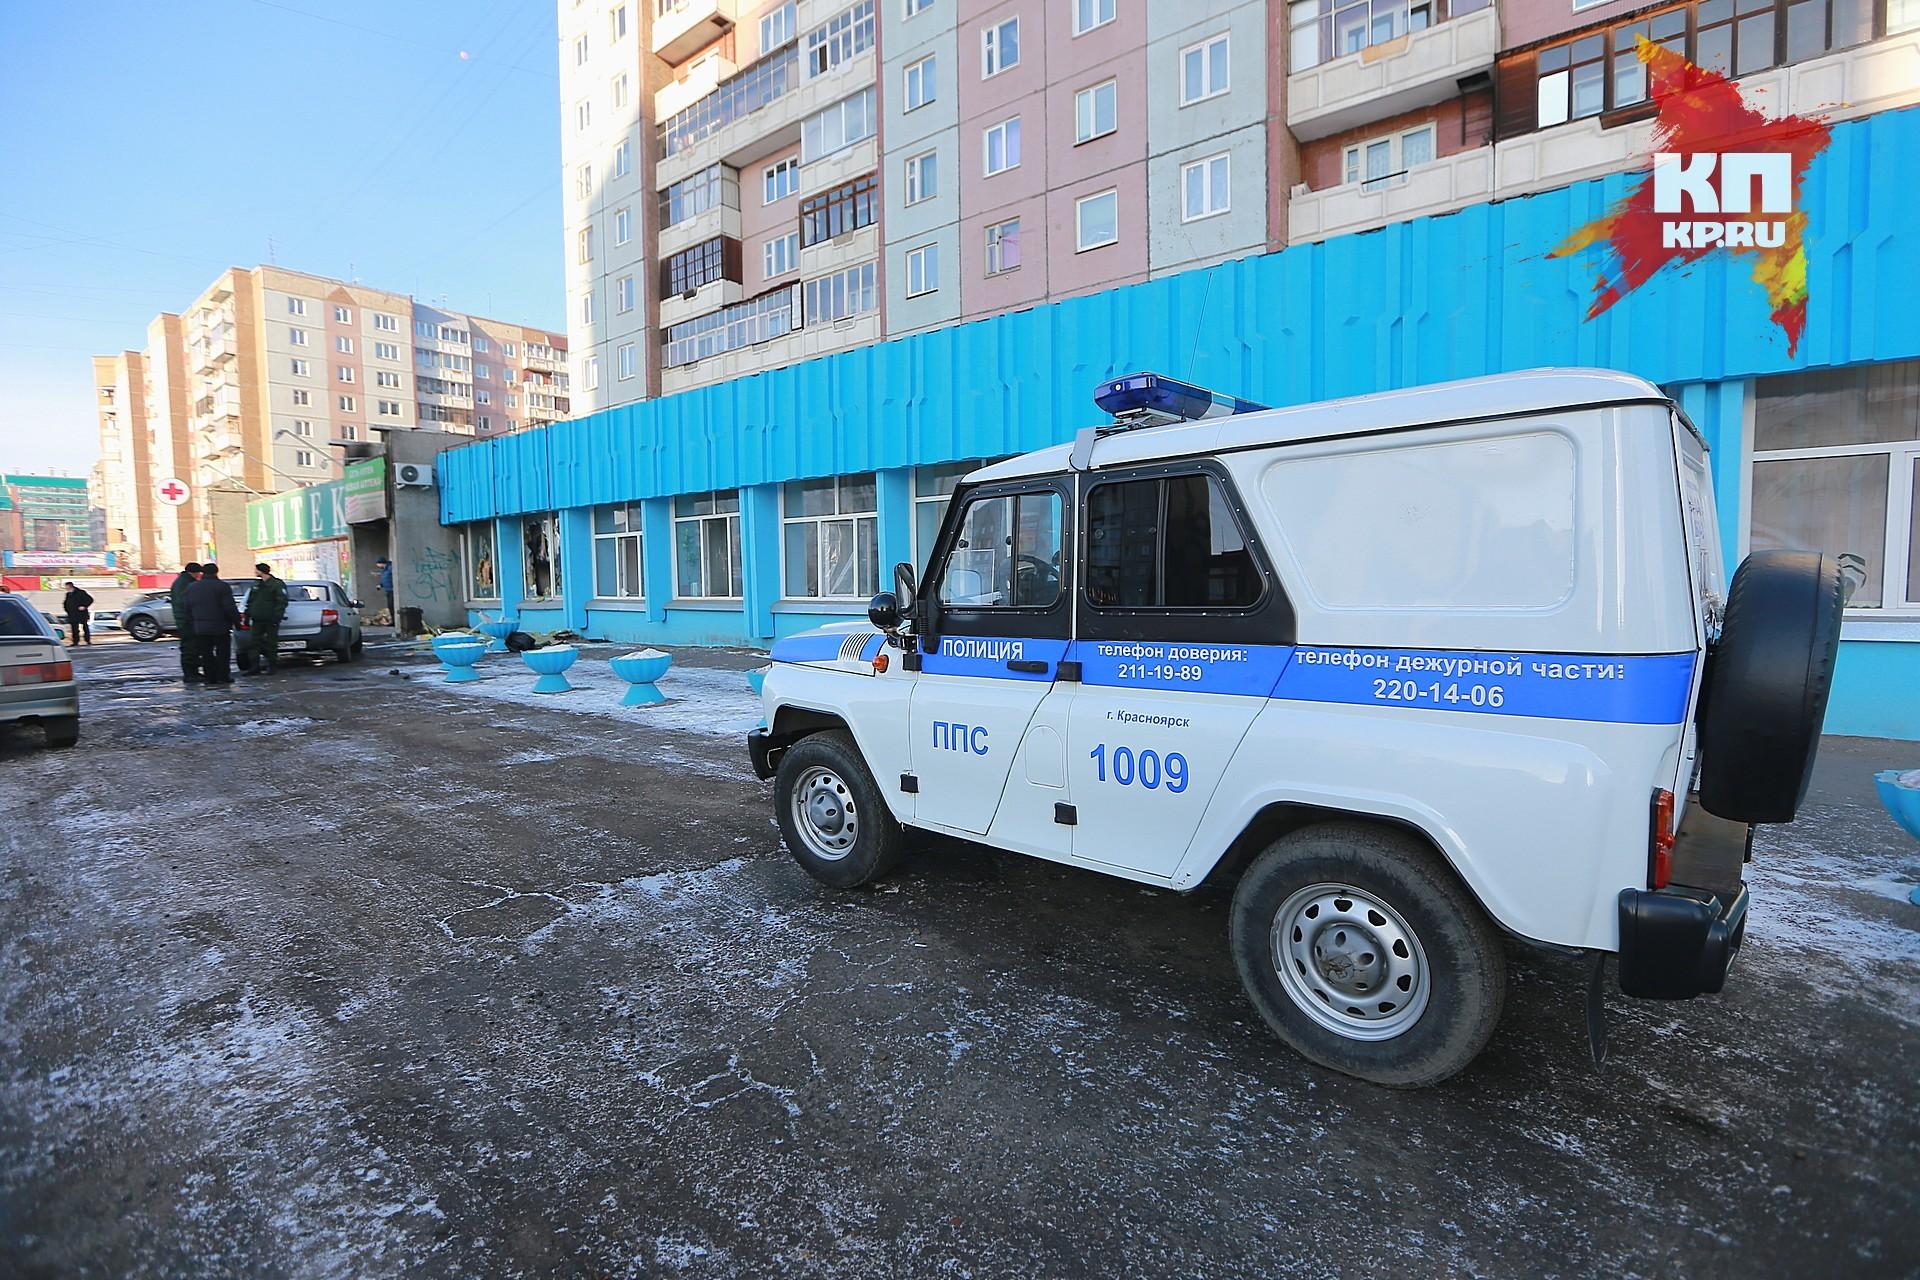 ВКрасноярске случайный попутчик обокрал таксиста на25 тыс. руб.